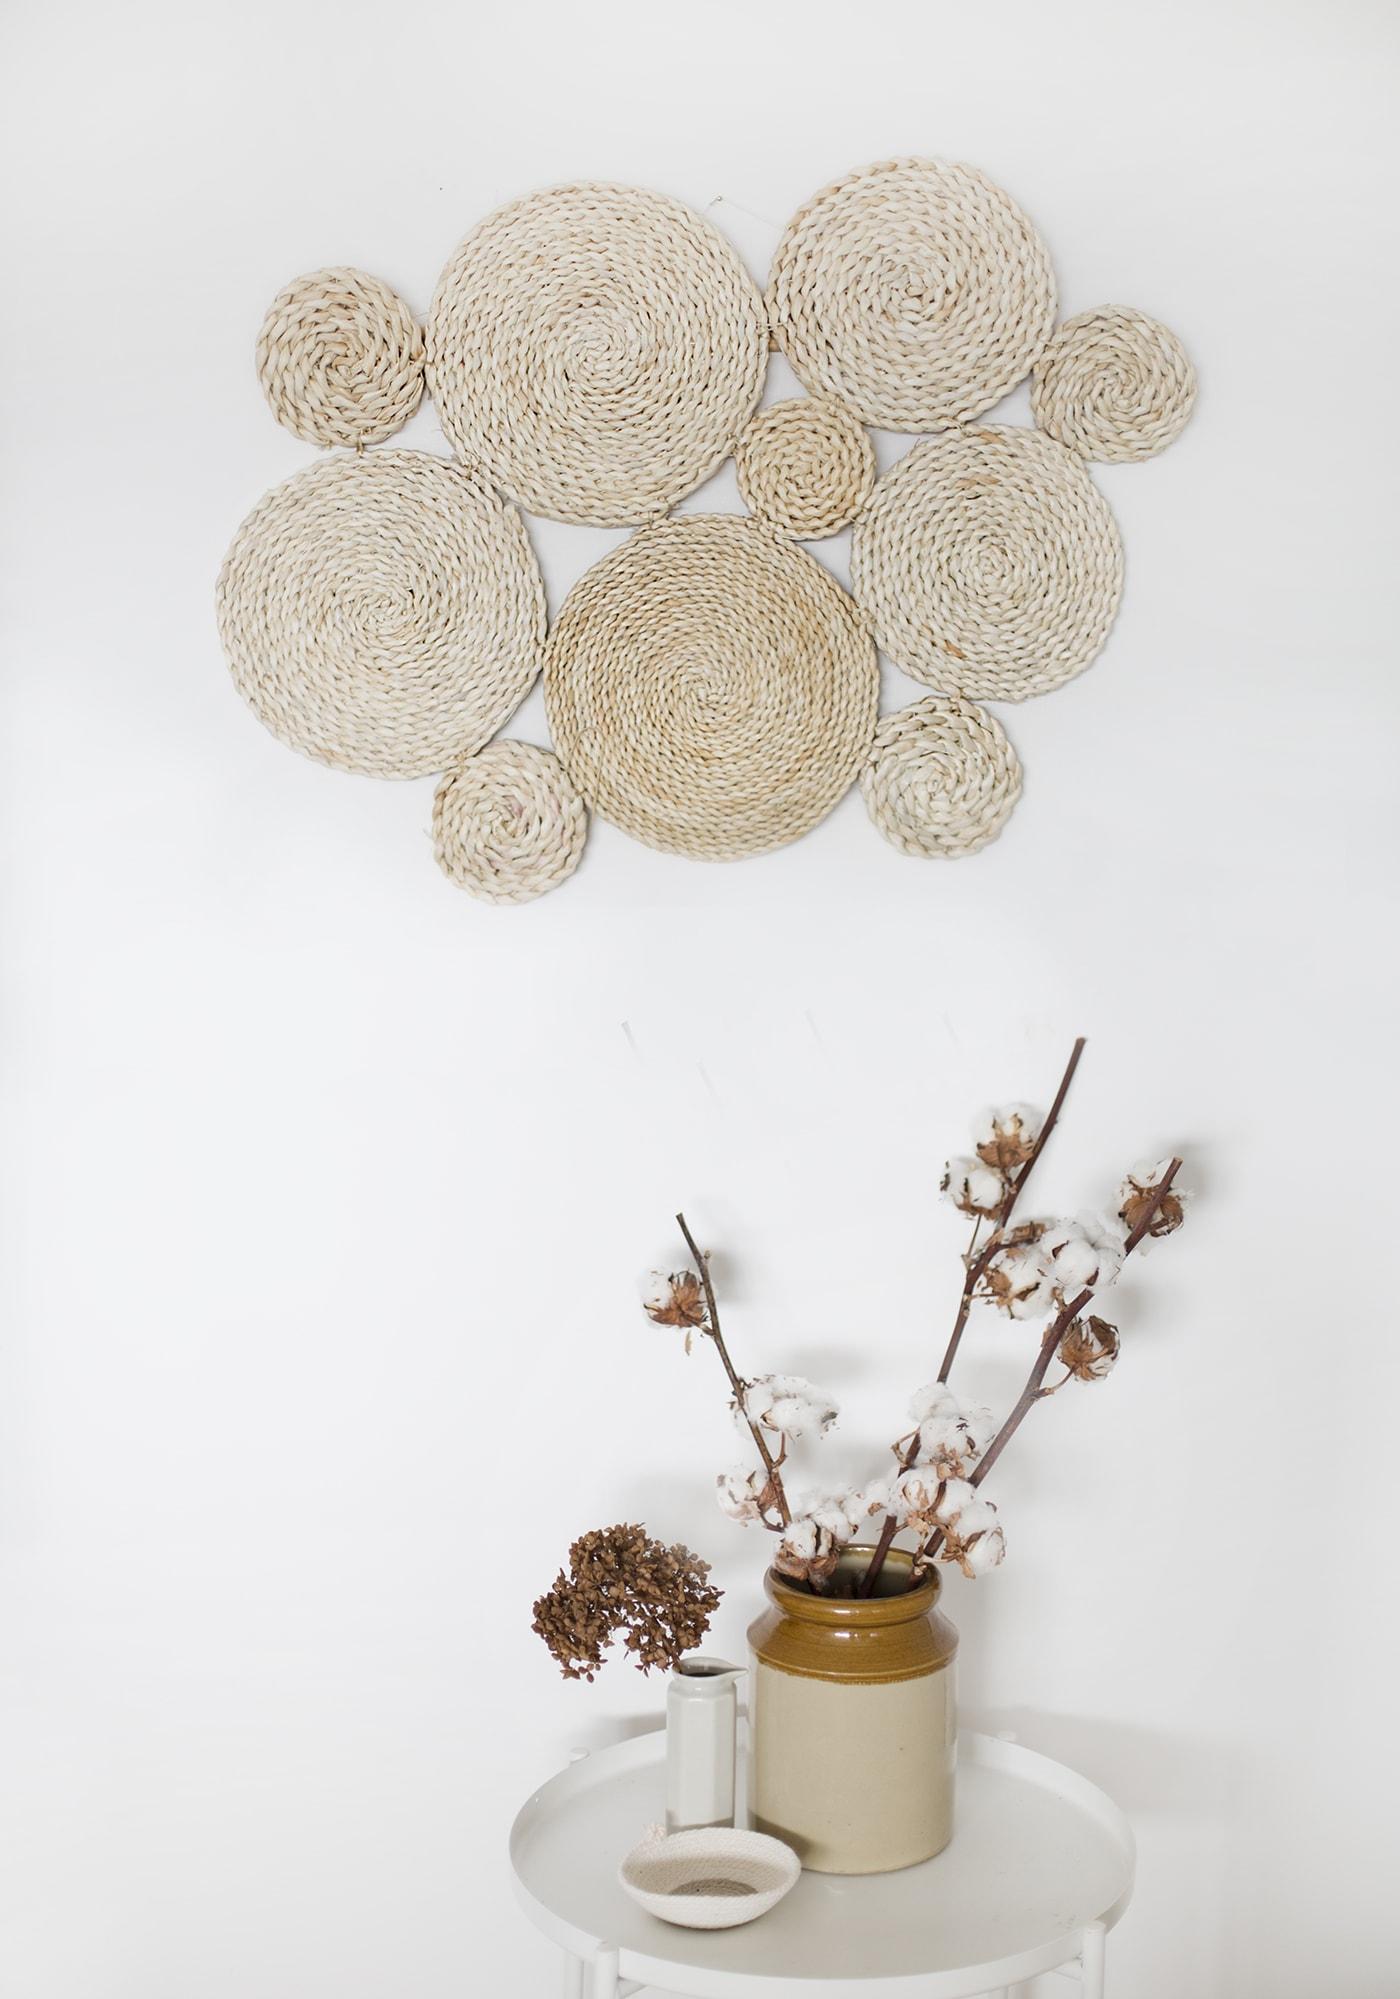 5_DIY_crear_detalles_en_rafia_manualidades_ideas_inspiraciones_decoración_hogar-11